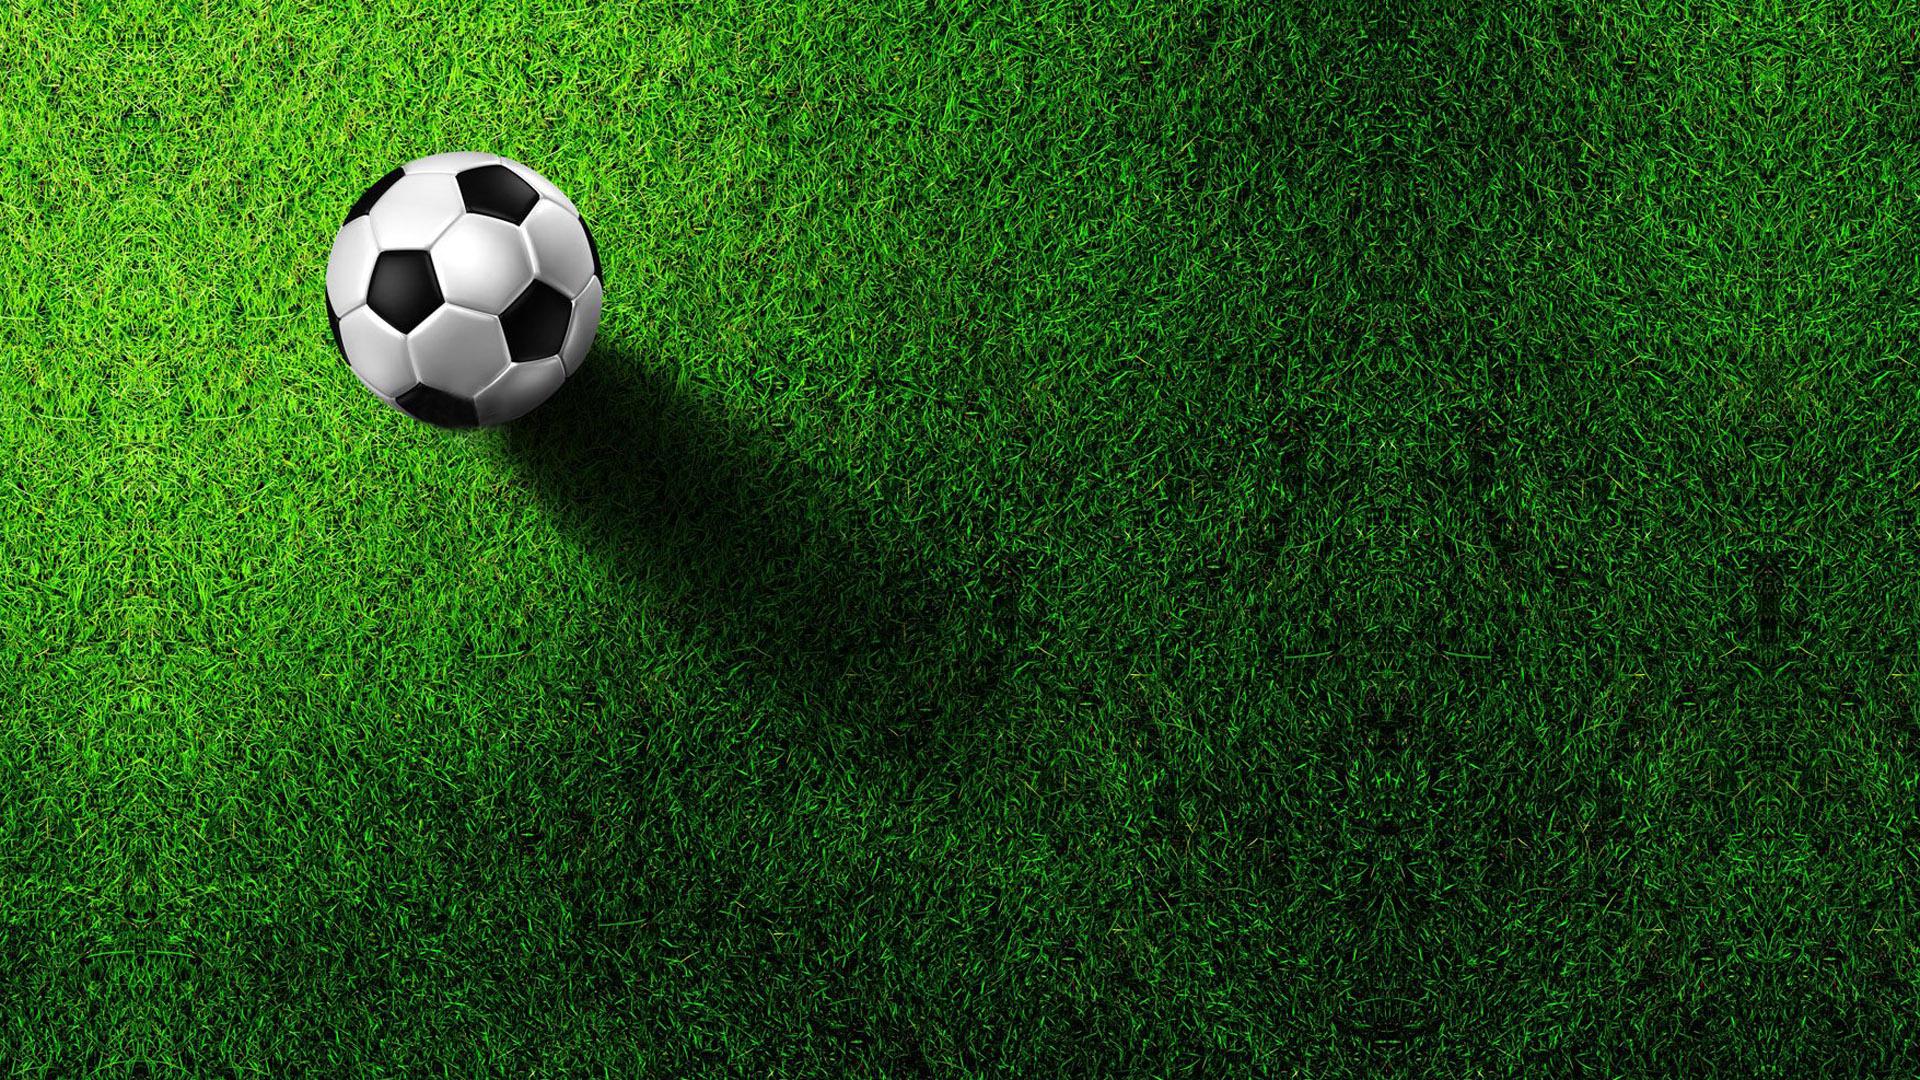 Заставки на робочий стол спорт спорт ставки на 21.01.2012